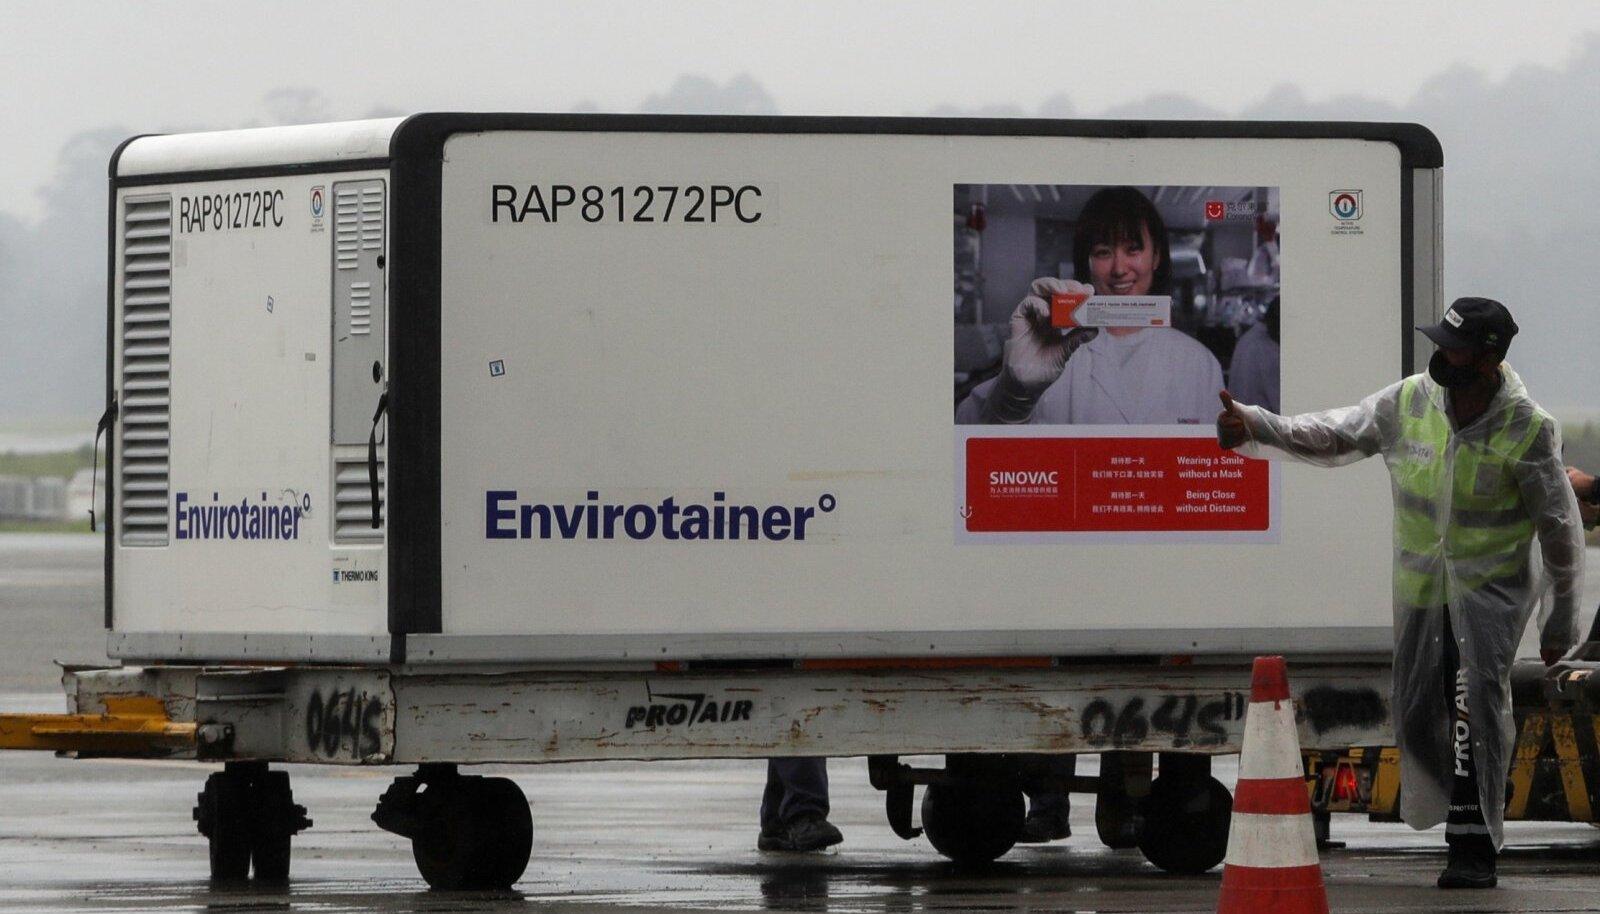 HIINA IME: Mõned nädalad tagasi saabus Brasiiliasse külmutuskonteiner hiinlaste loodud Sinovaci vaktsiiniga.